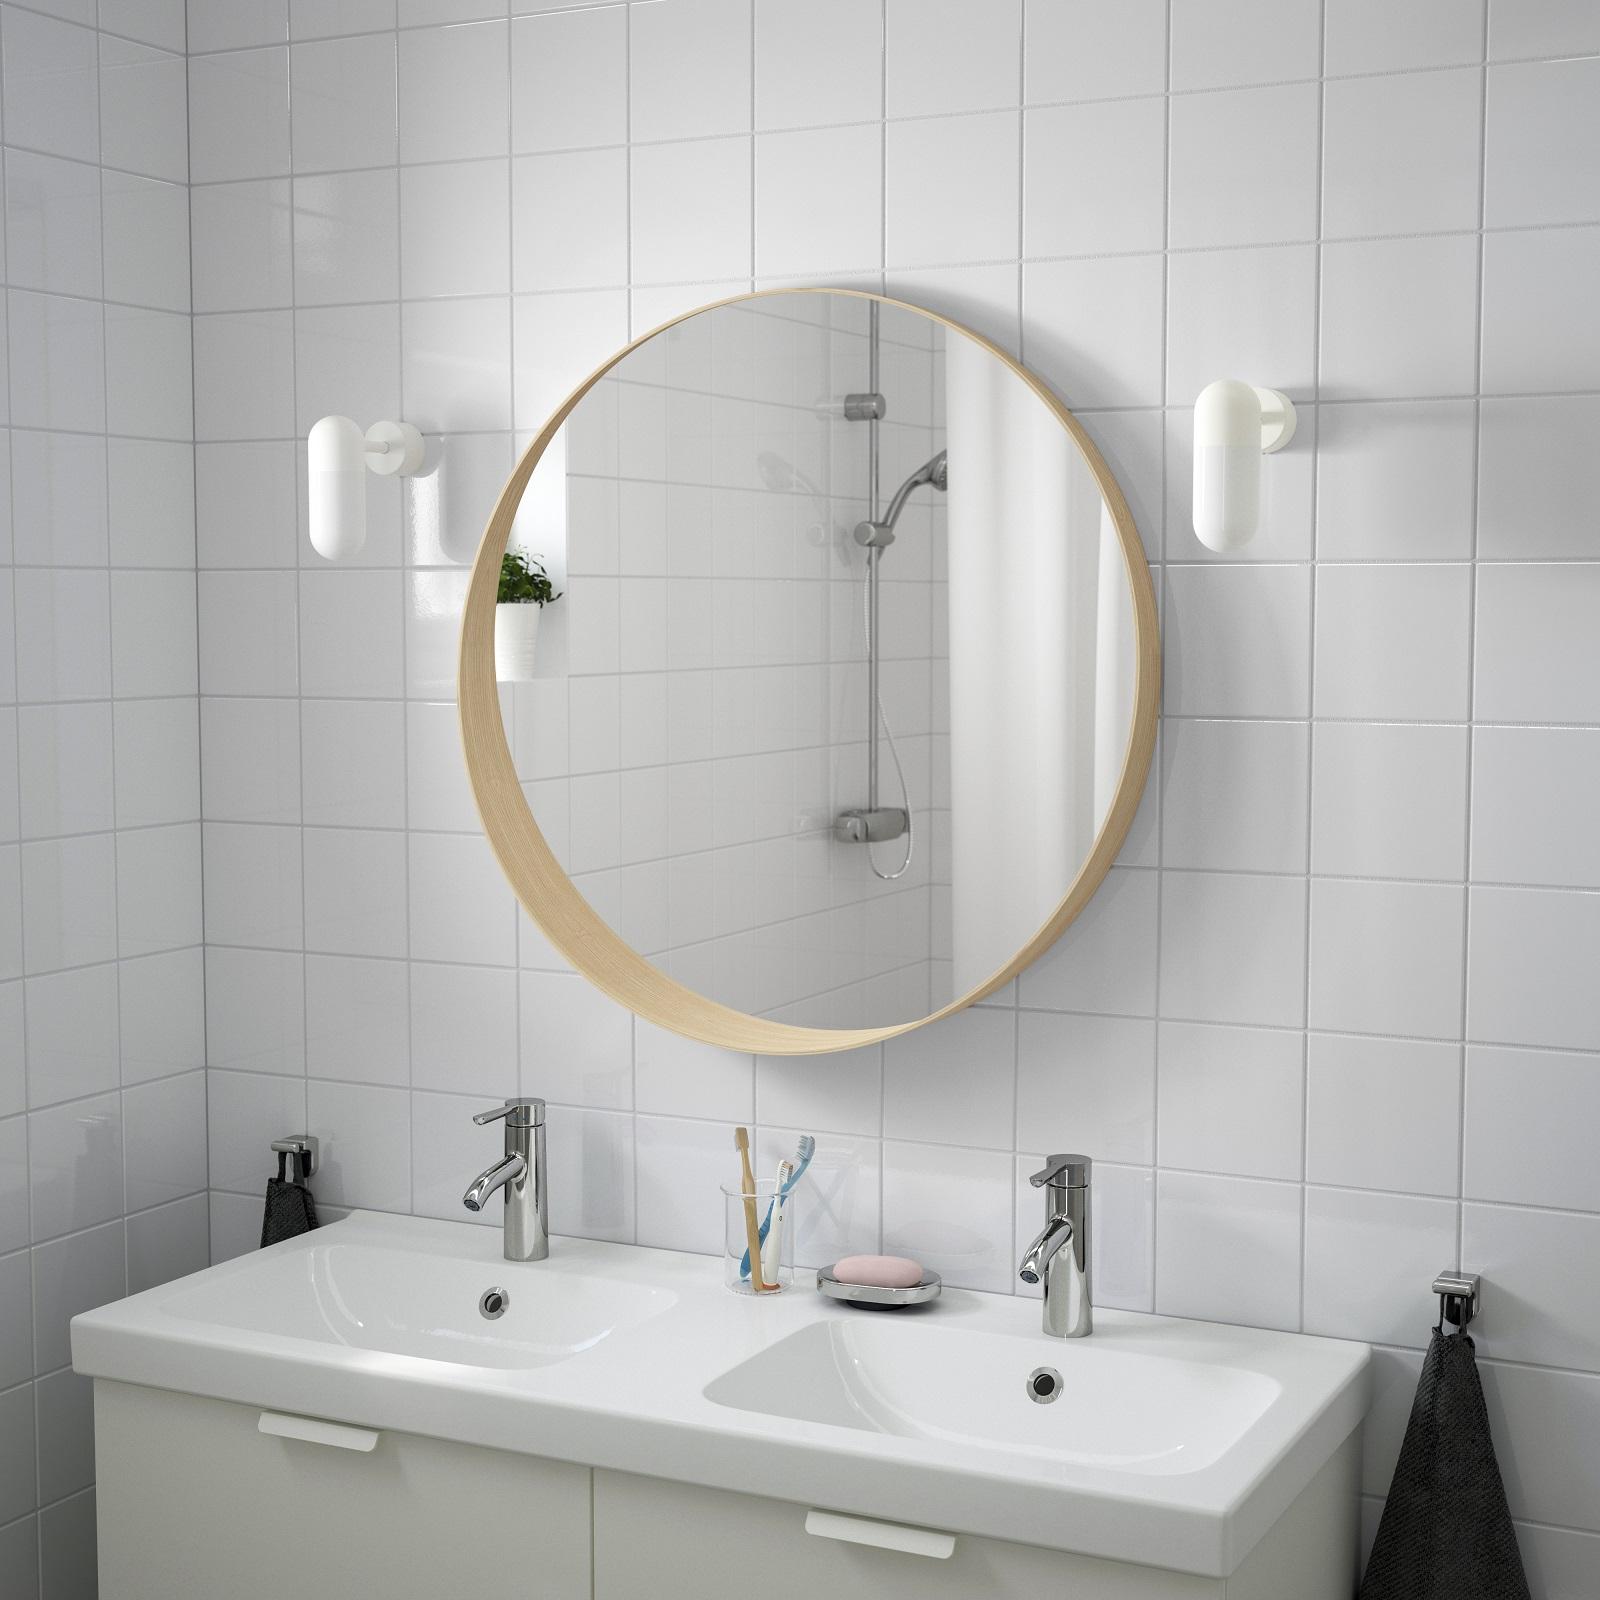 Specchi Per Bagno Particolari.Specchi Del Bagno Semplici O Con Cornice Con Luce O Senza Retroilluminati Oppure No Cose Di Casa